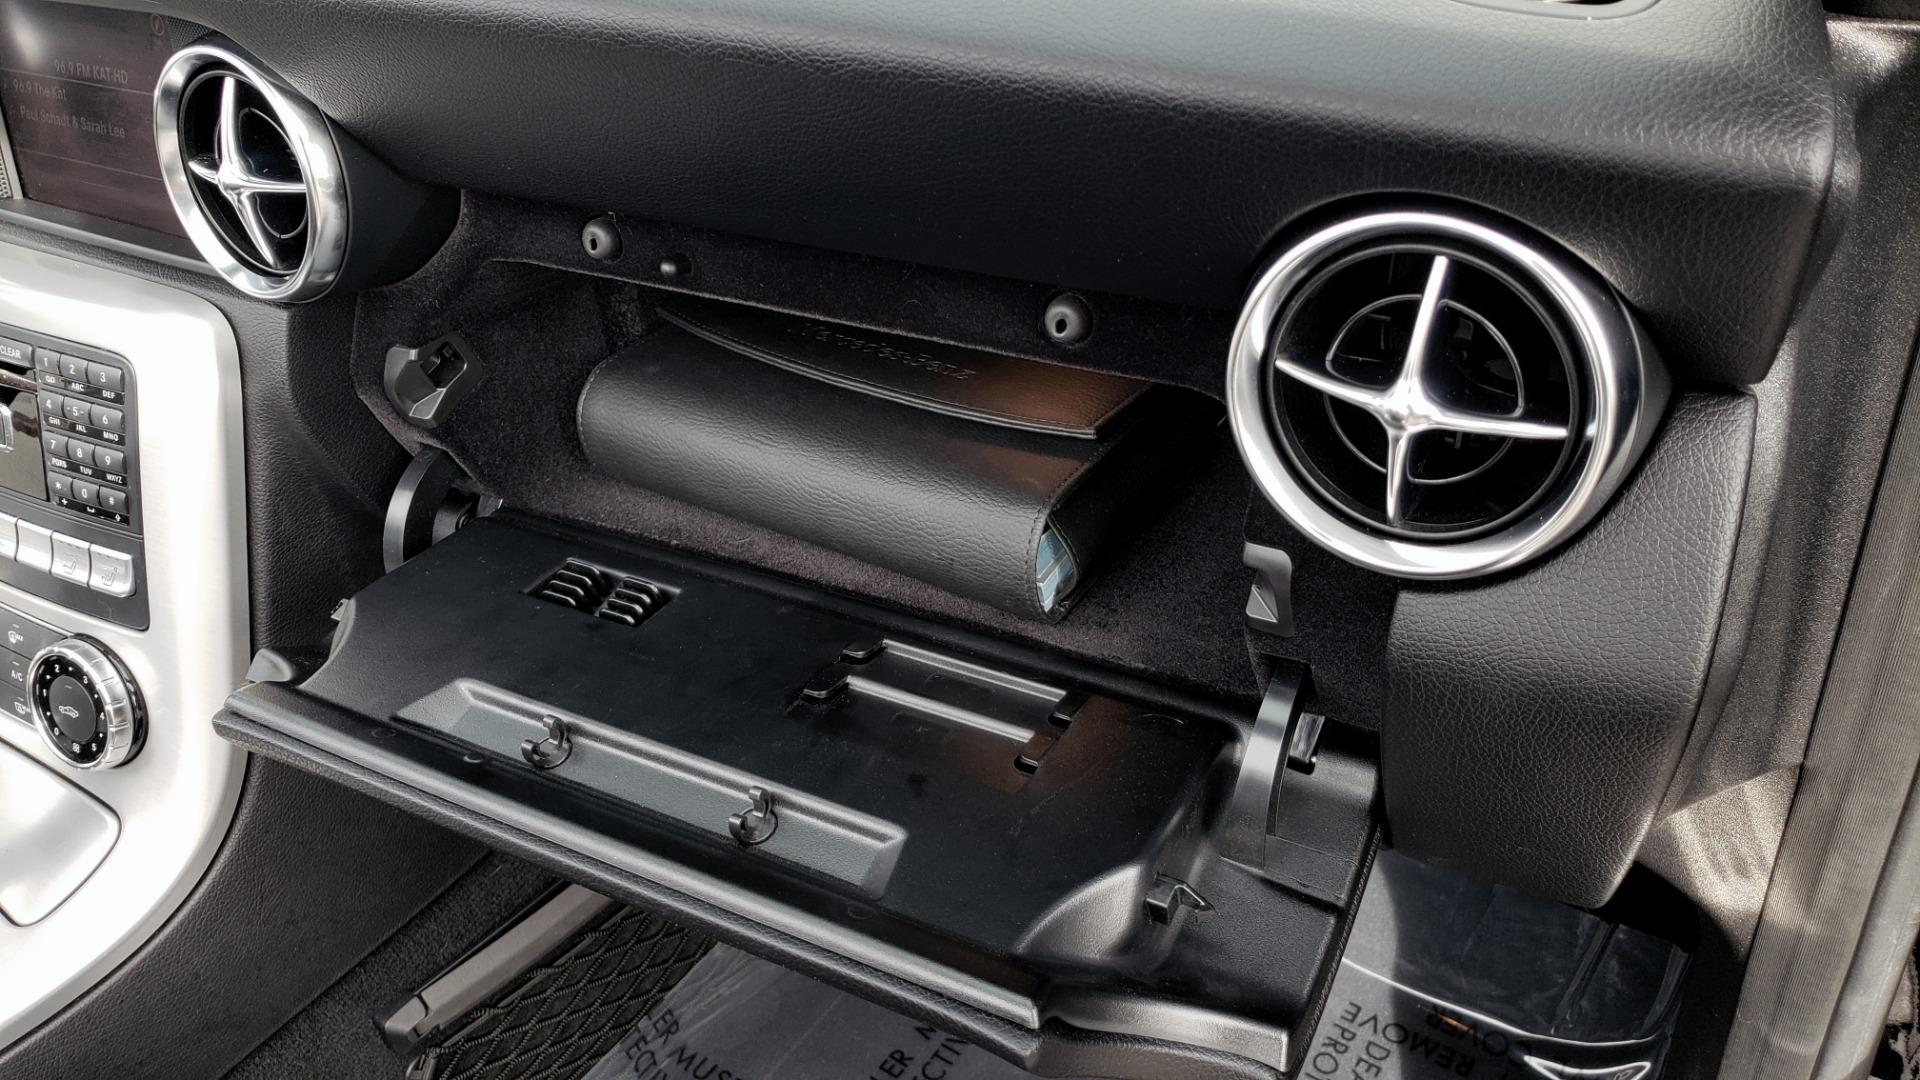 Used 2012 Mercedes-Benz SLK-CLASS SLK 250 ROADSTER / PREM 1 PKG / COMAND LAUNCH PKG / 7-SPD AUTO for sale $24,995 at Formula Imports in Charlotte NC 28227 54